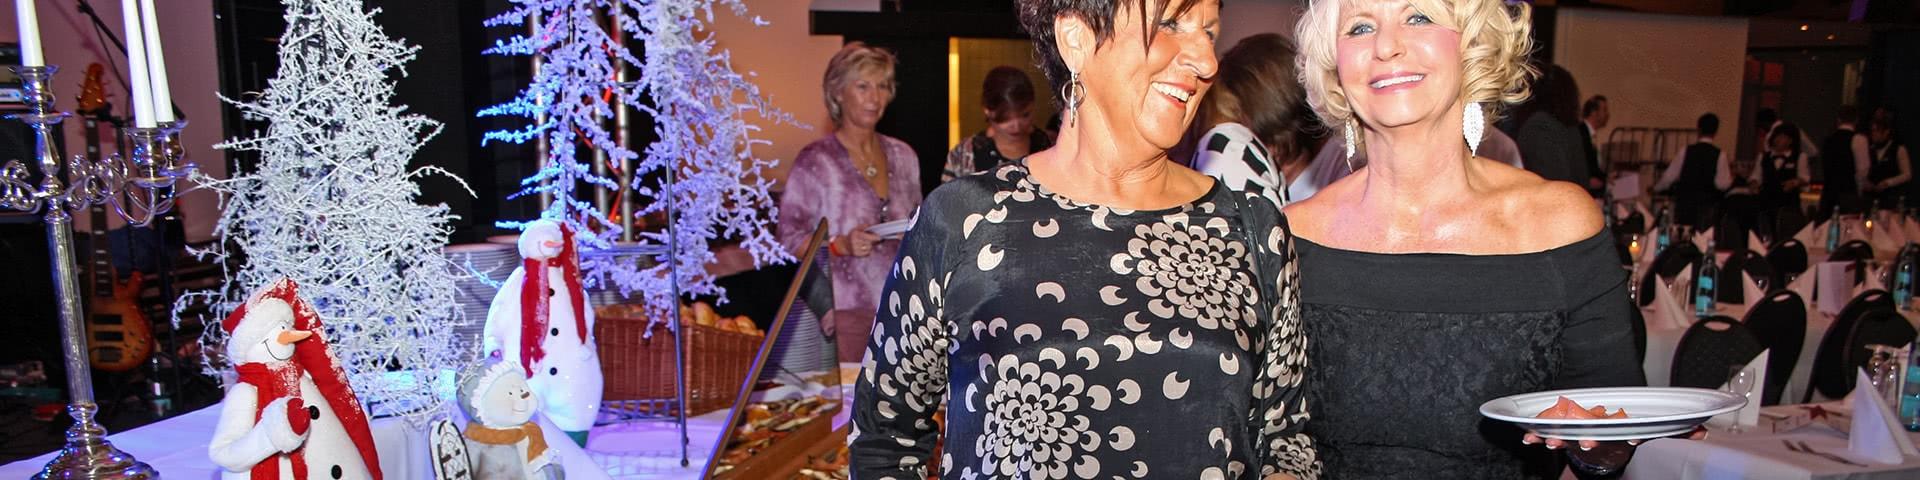 Zwei Frauen am Buffet beim Abschlussfest in Willingen